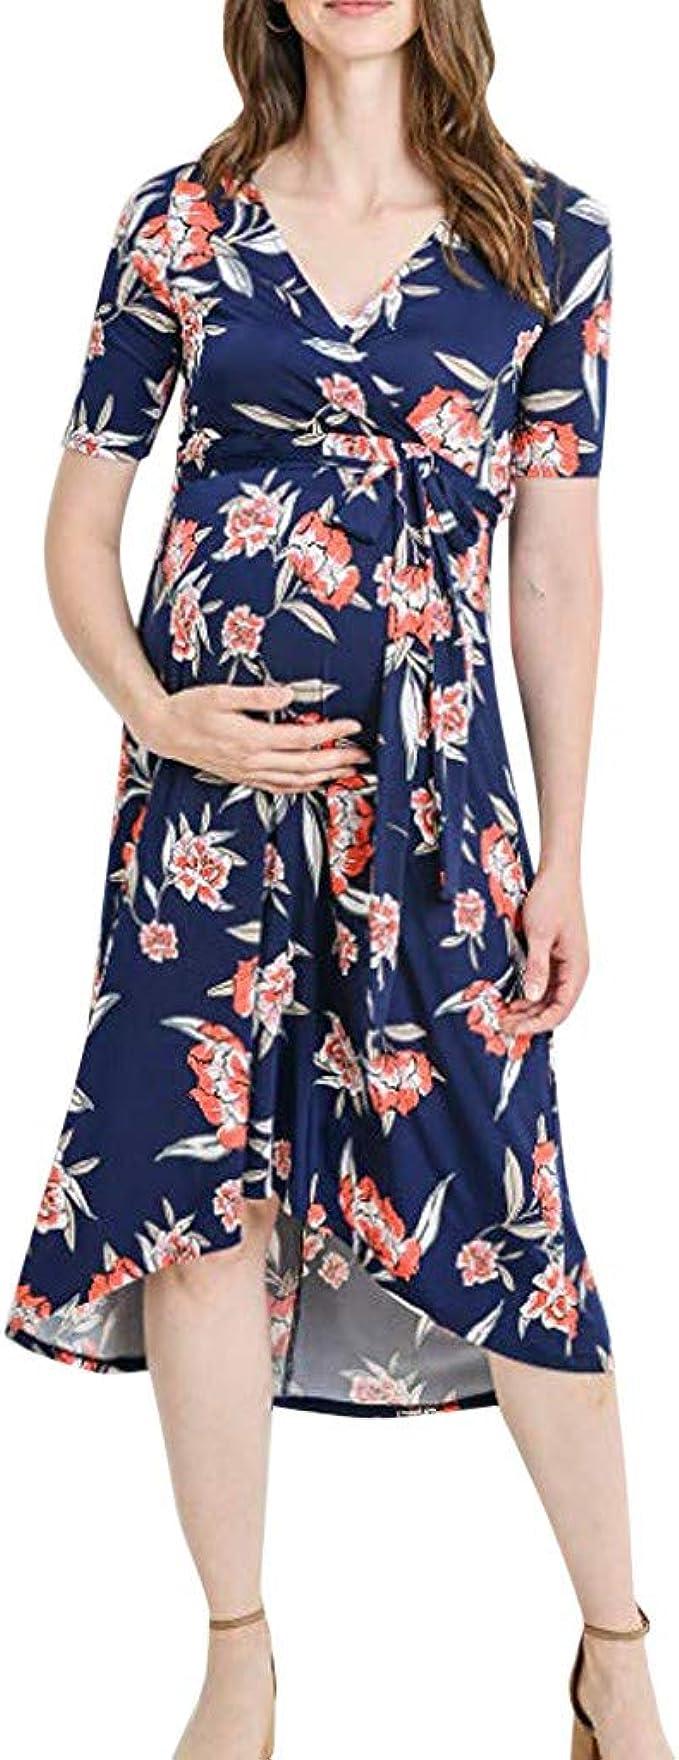 Mujer Ropa Premamá SUNNSEAN Verano Vestido de Maternidad Faldas de ...